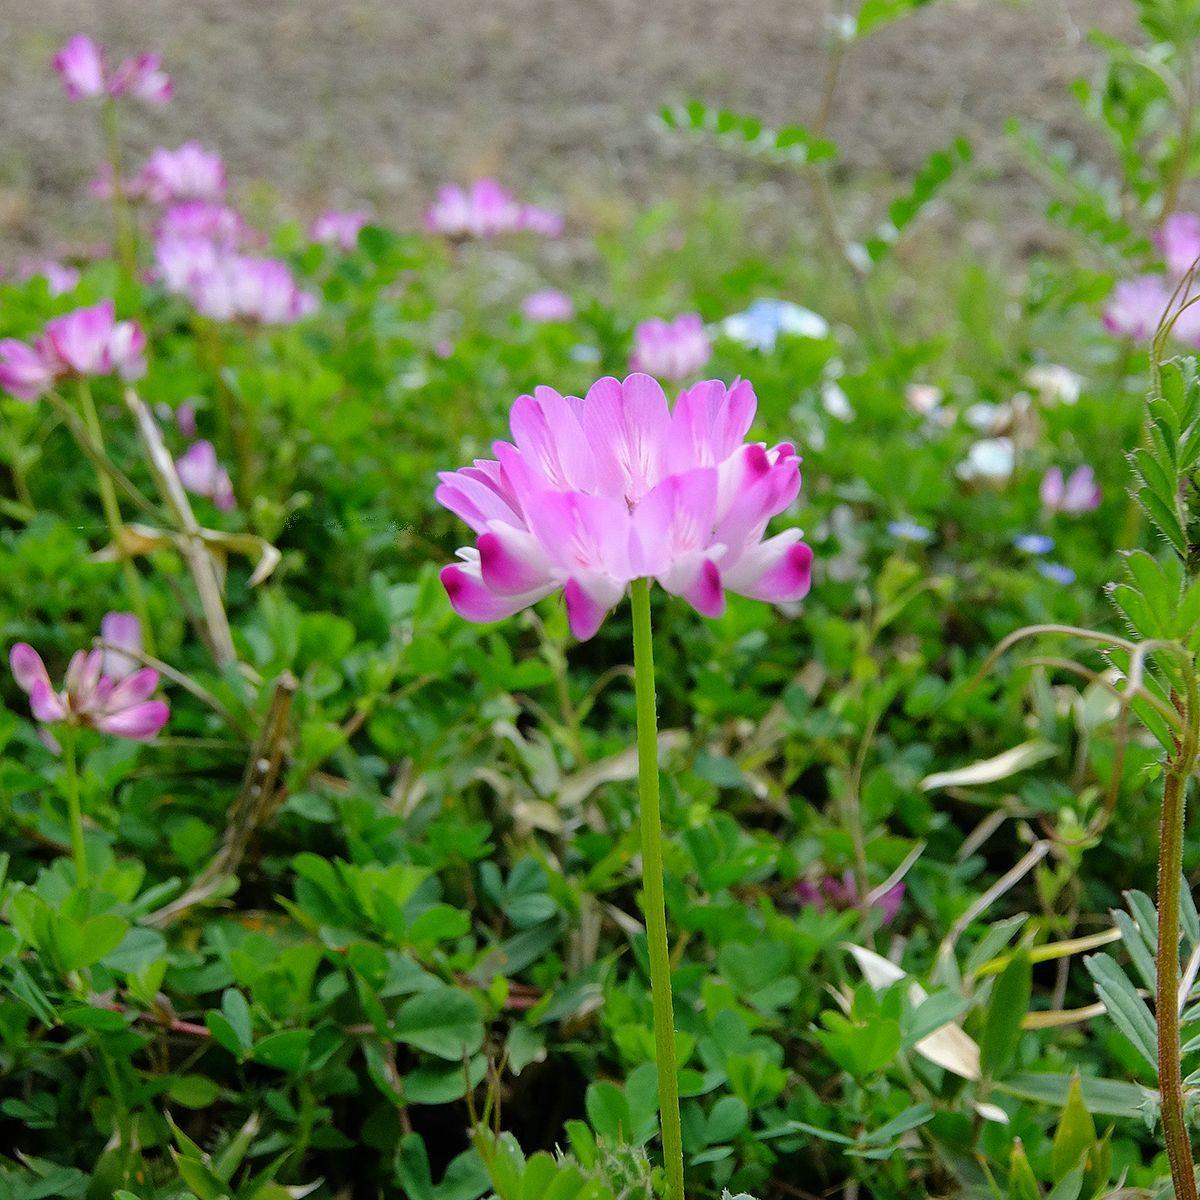 れんげの花が満開だ_c0042324_12511522.jpg